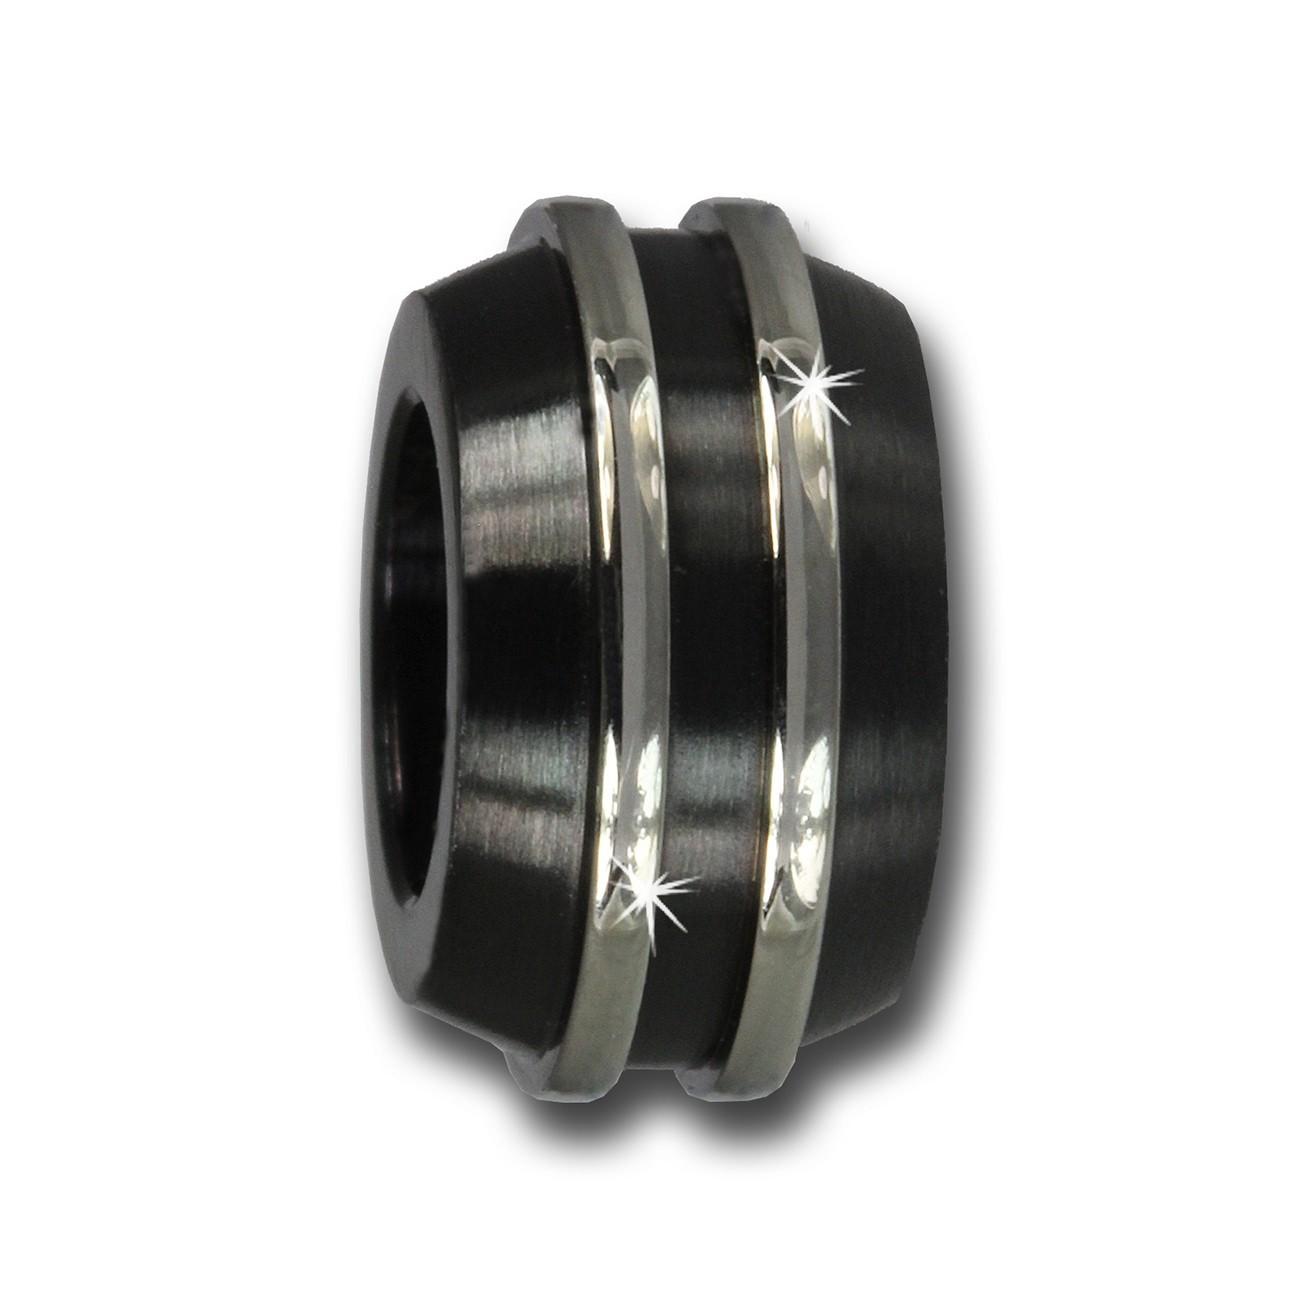 Amello Megabeads Edelstahl Bead Linie schwarz Armbandbead AMB098S